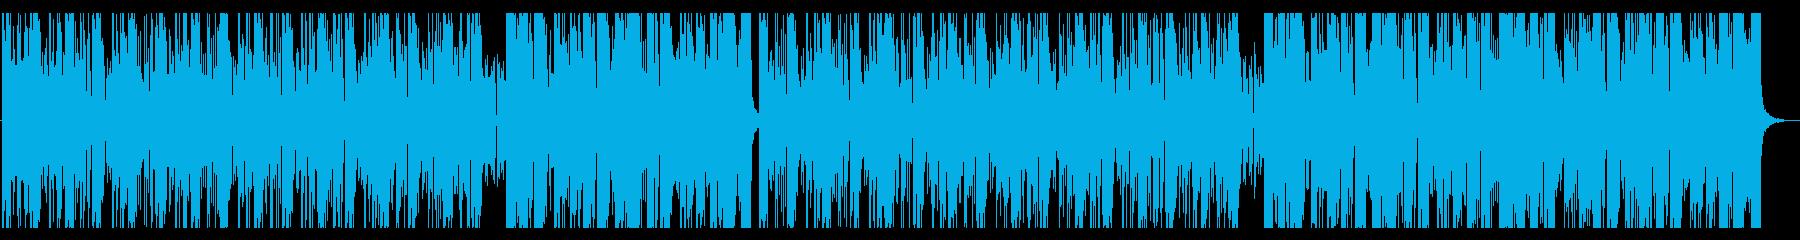 怪しく迫るようなうねうねしたBGMの再生済みの波形